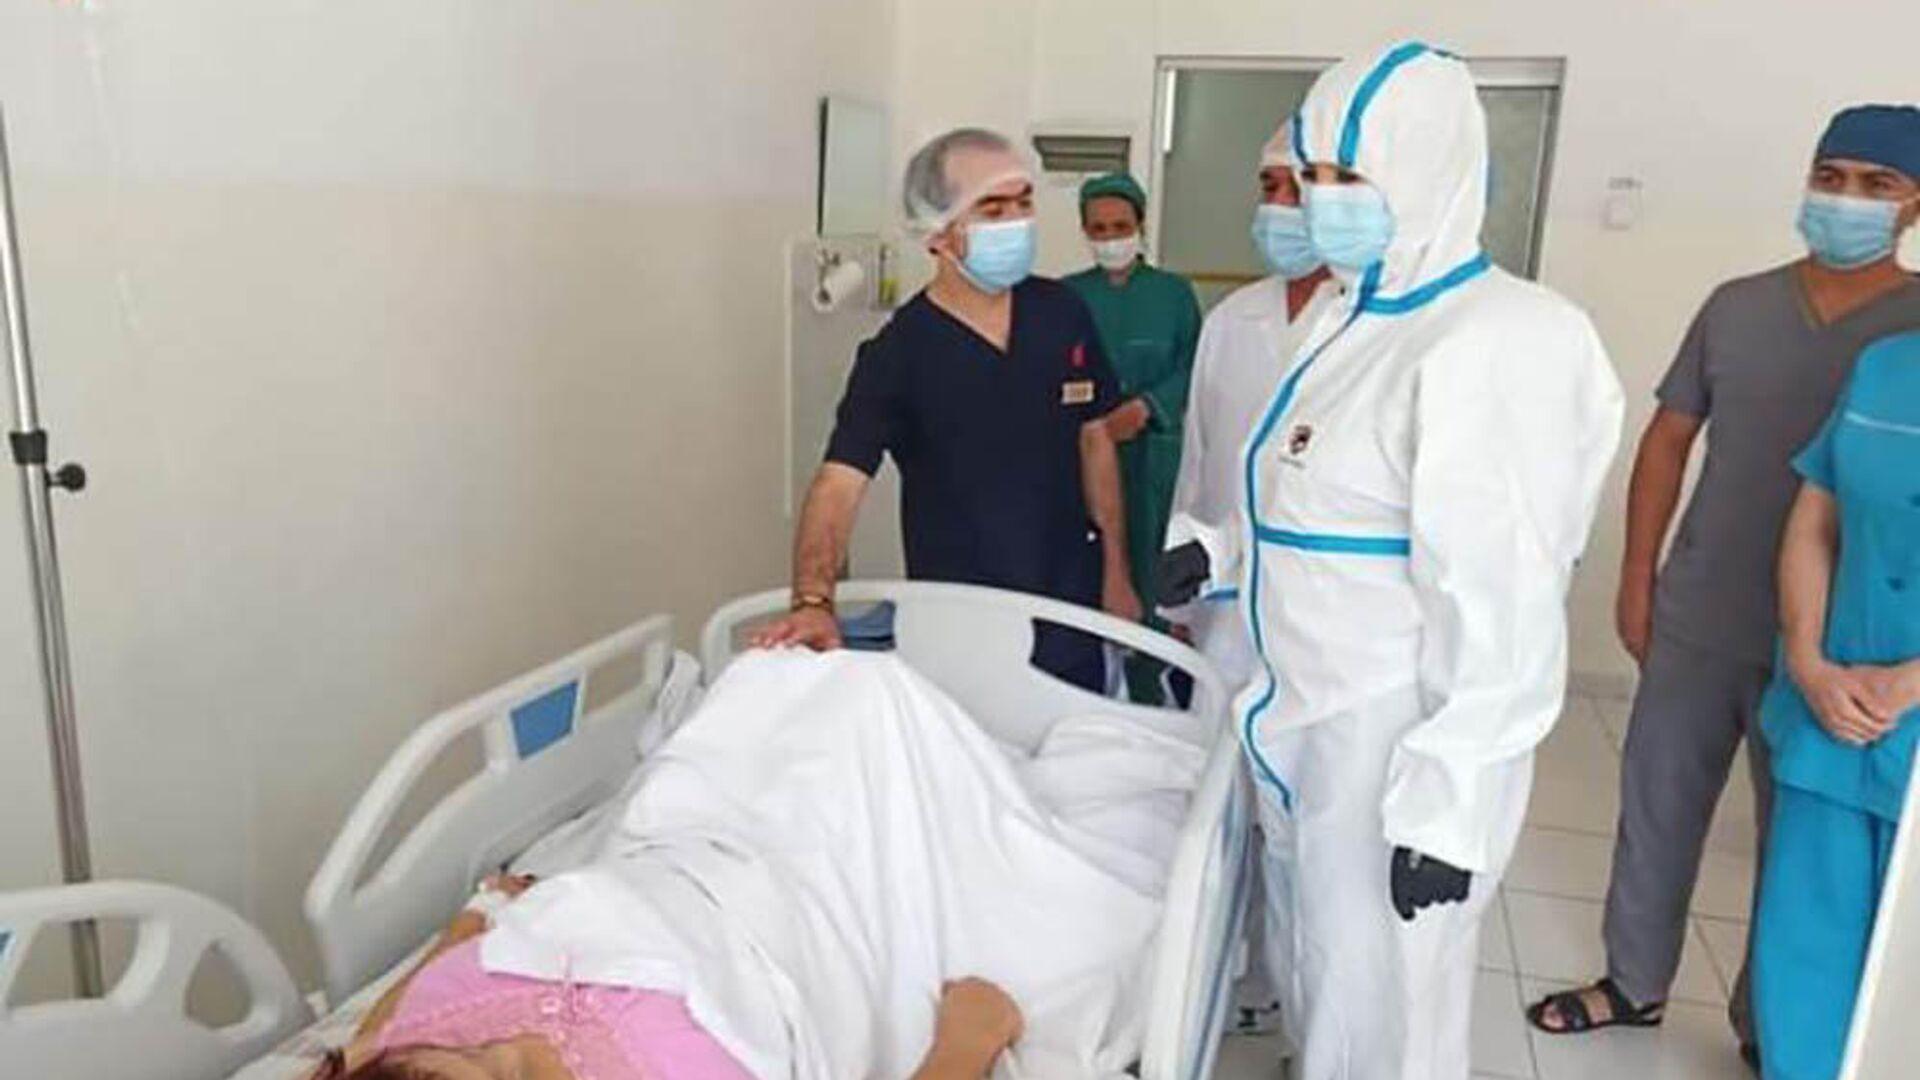 Заместитель министра здравоохранения и социальной защиты населения Республики Таджикистан Зульфия Абдусамадзода посетила городской медицинский центр - Sputnik Таджикистан, 1920, 06.08.2021